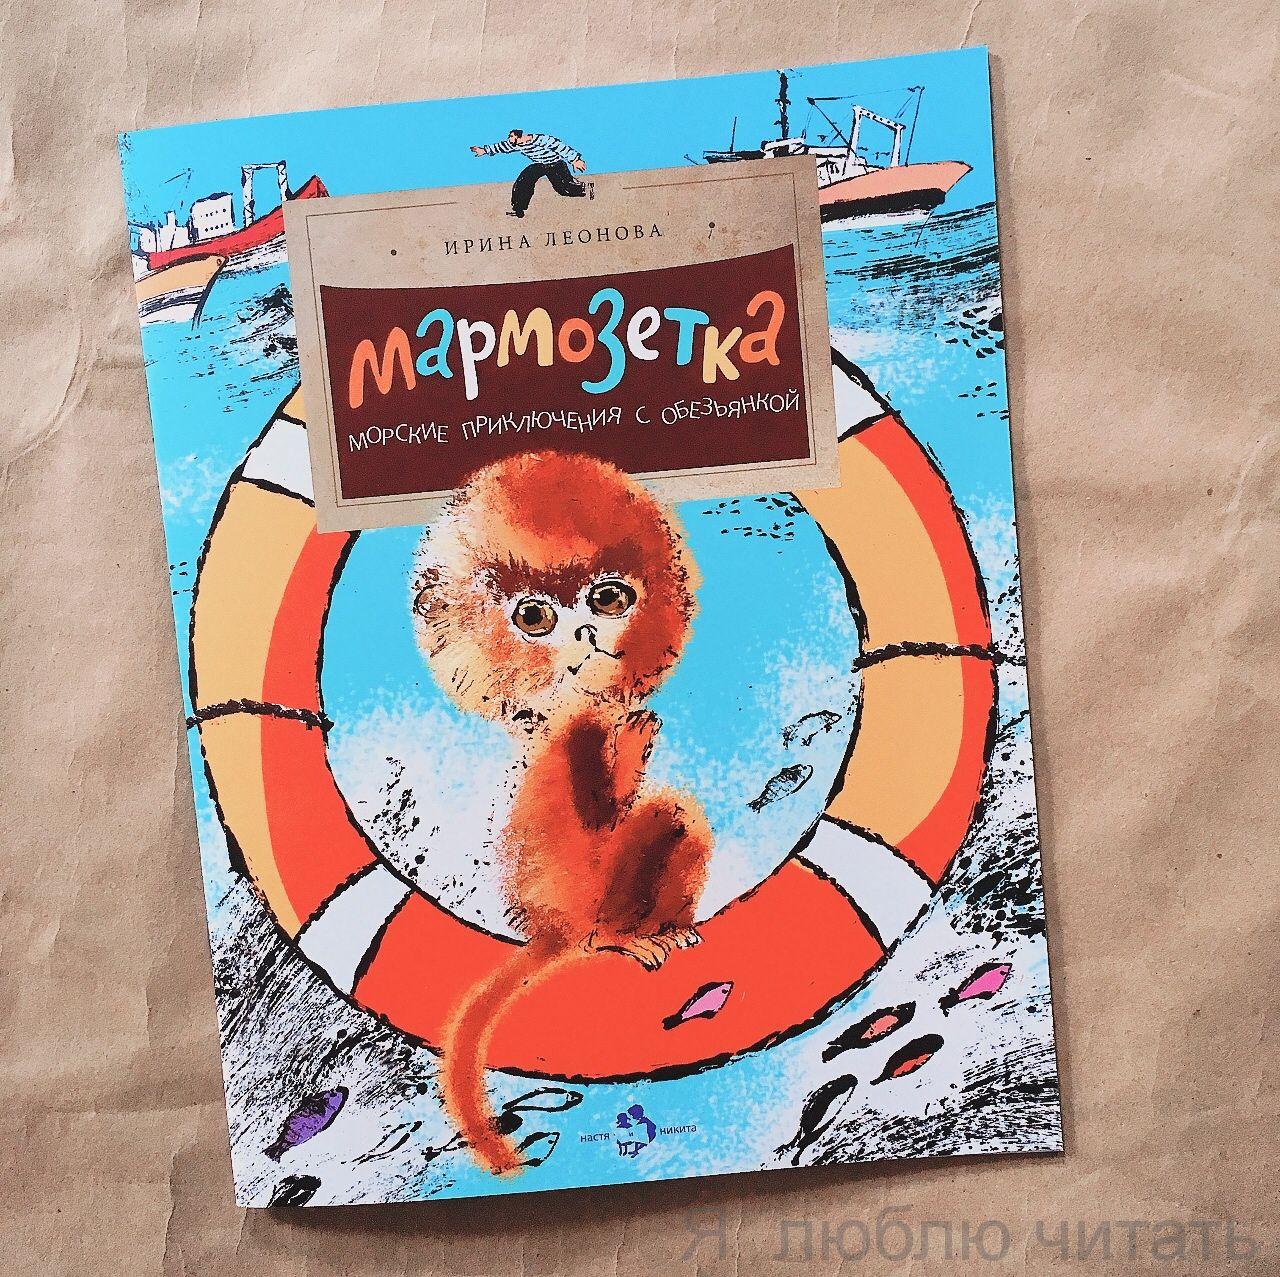 Книга «Мармозетка. Морские приключения с обезьянкой»